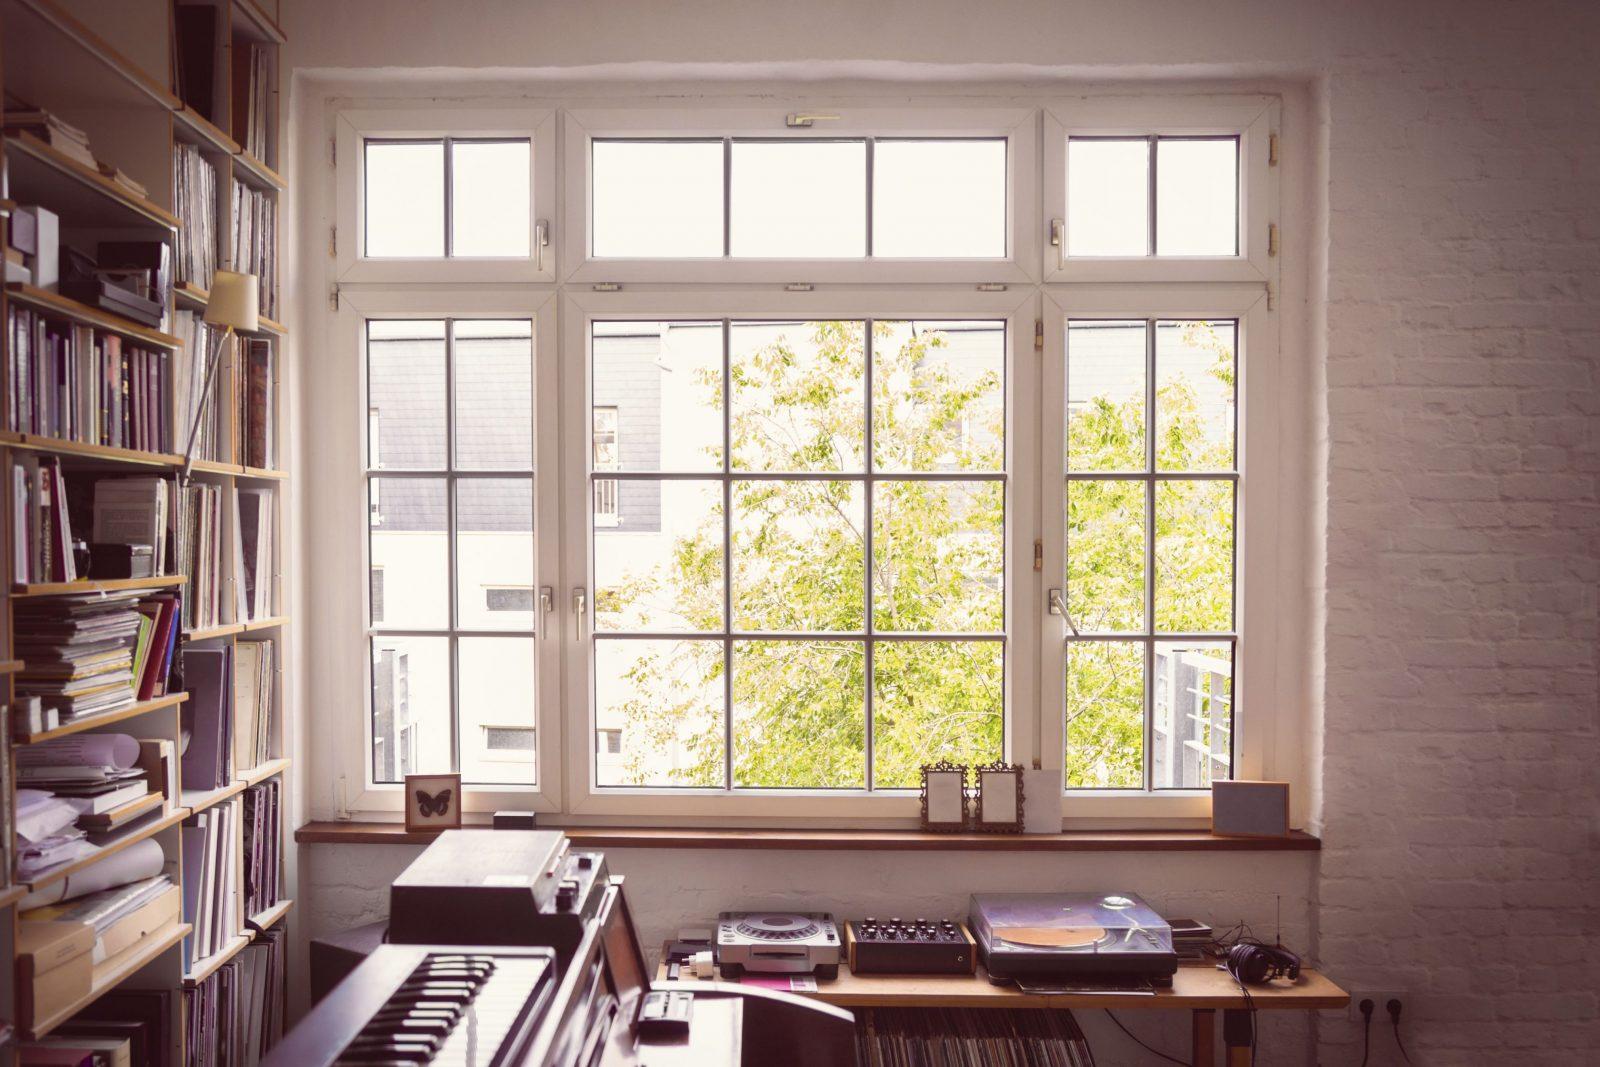 Wgzimmer Einrichten Leicht Gemacht von 13 Qm Zimmer Einrichten Bild